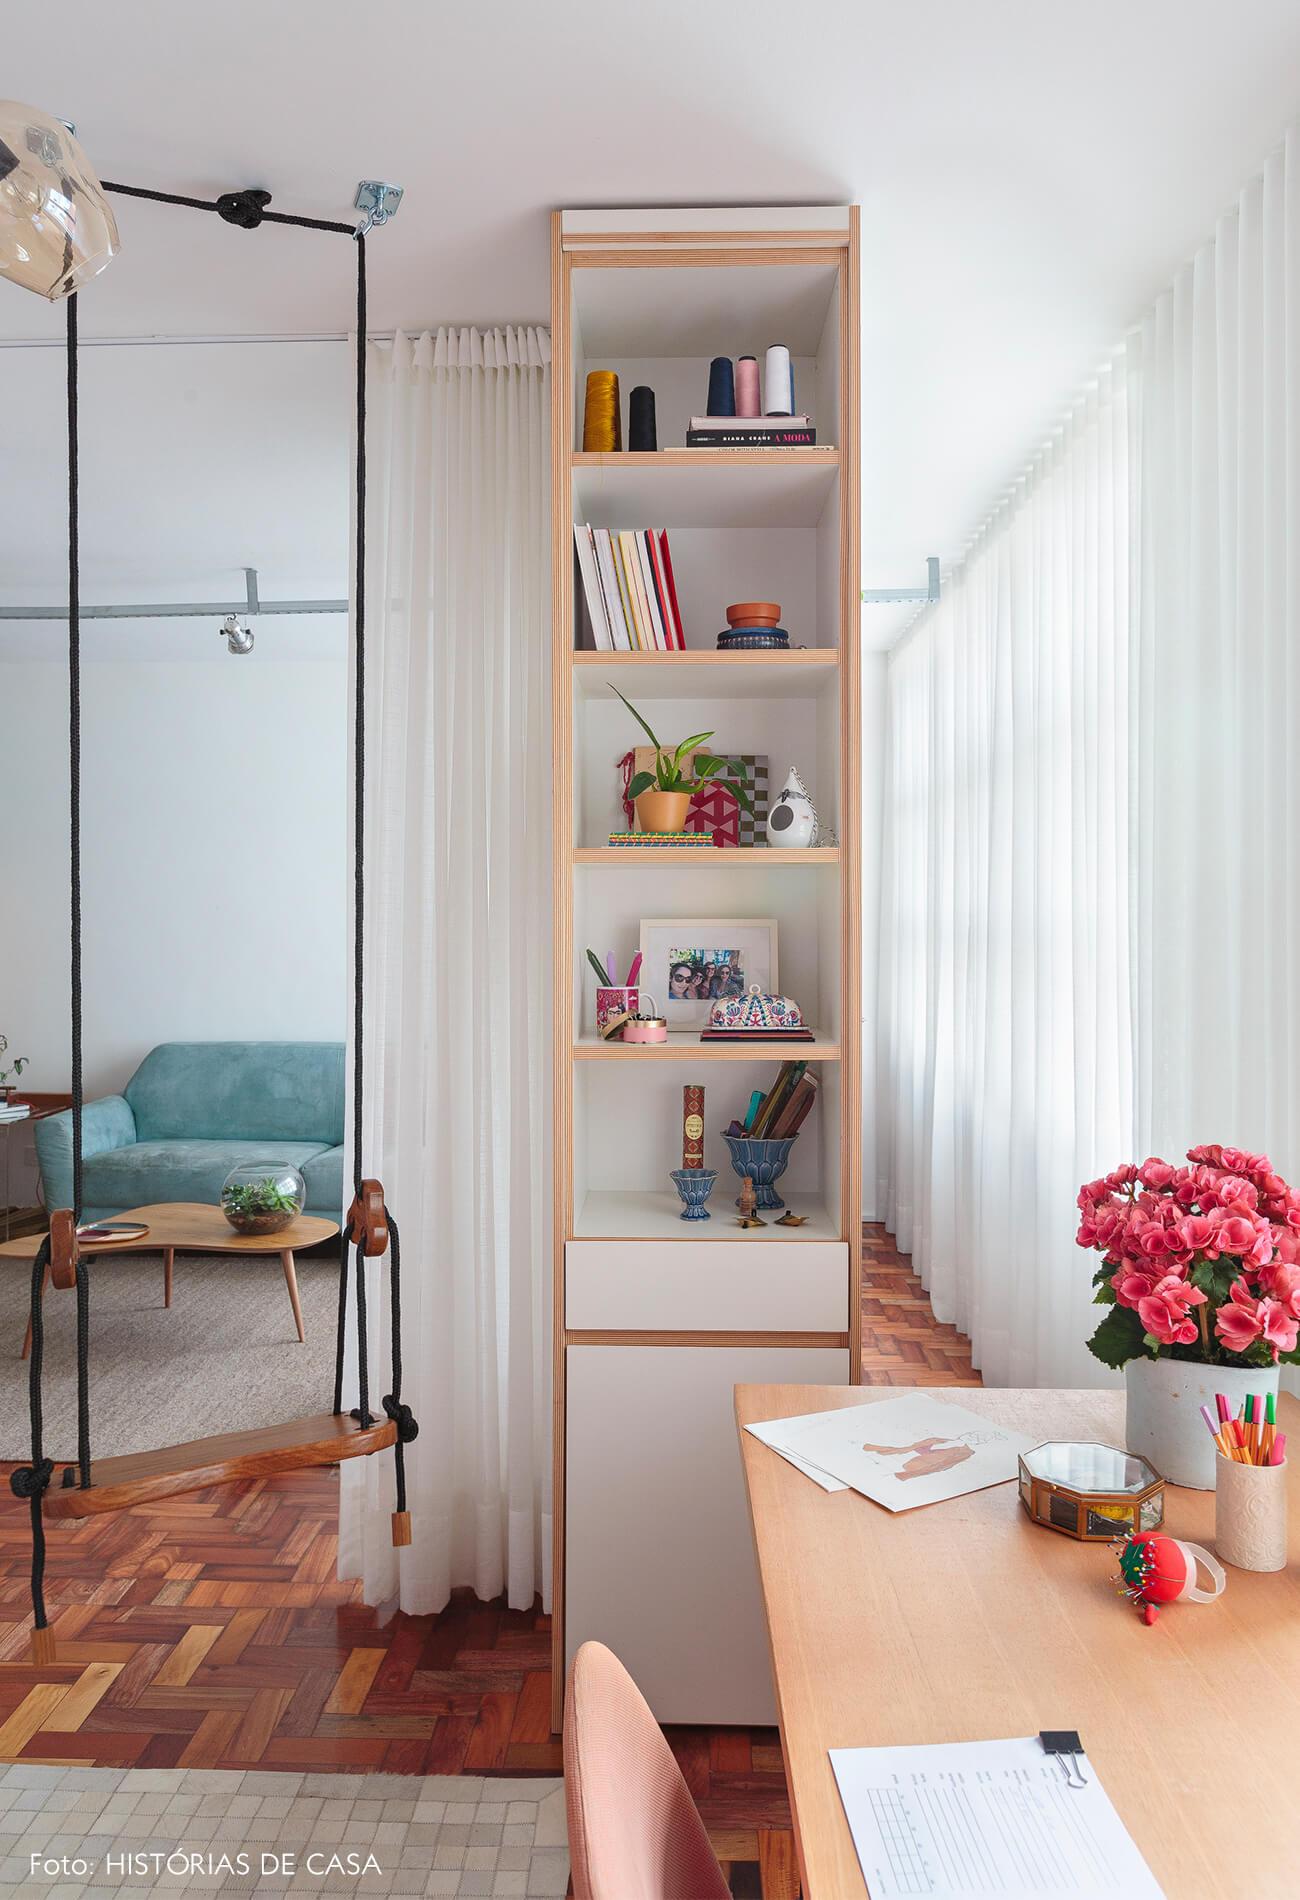 home-office-atelie-sala-balanço-piso-taco-madeira-mesa-madeira-cadeira-rosa-estante-branca-sofa-azul-tapete-bege